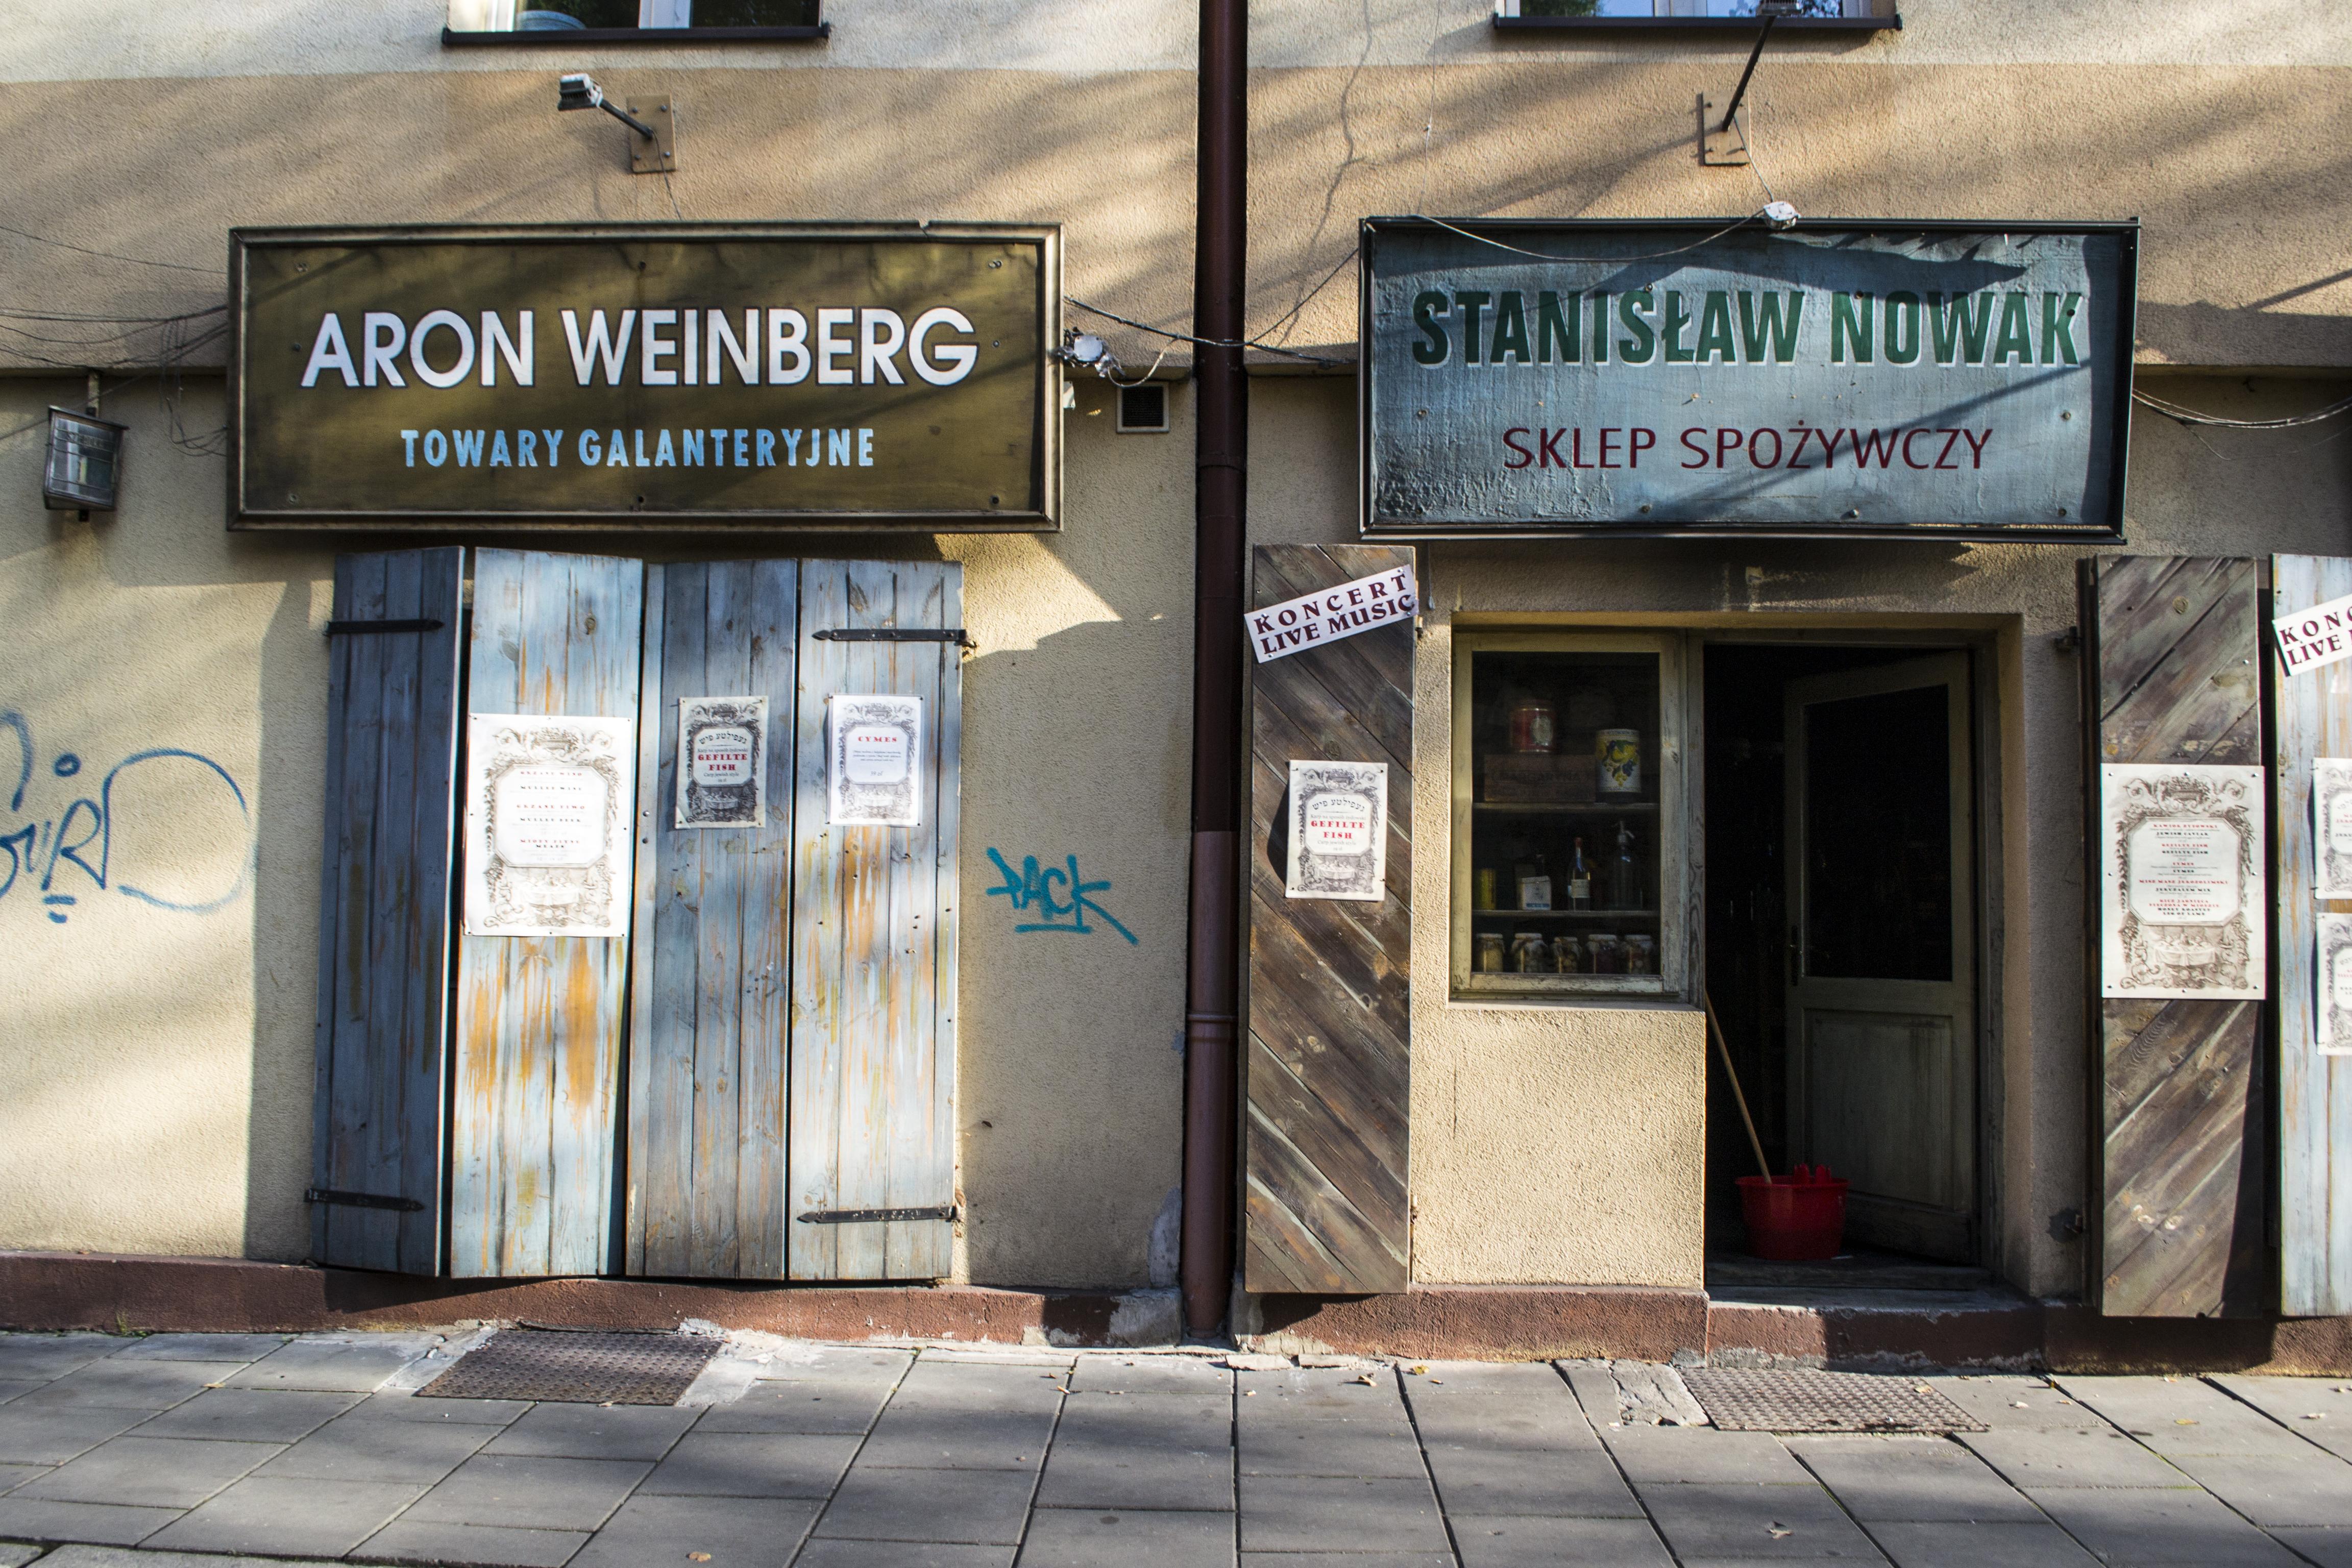 Antisemitismo, in Italia soprattutto sul web. Betty Guetta: pochi punti in comune con islamofobia